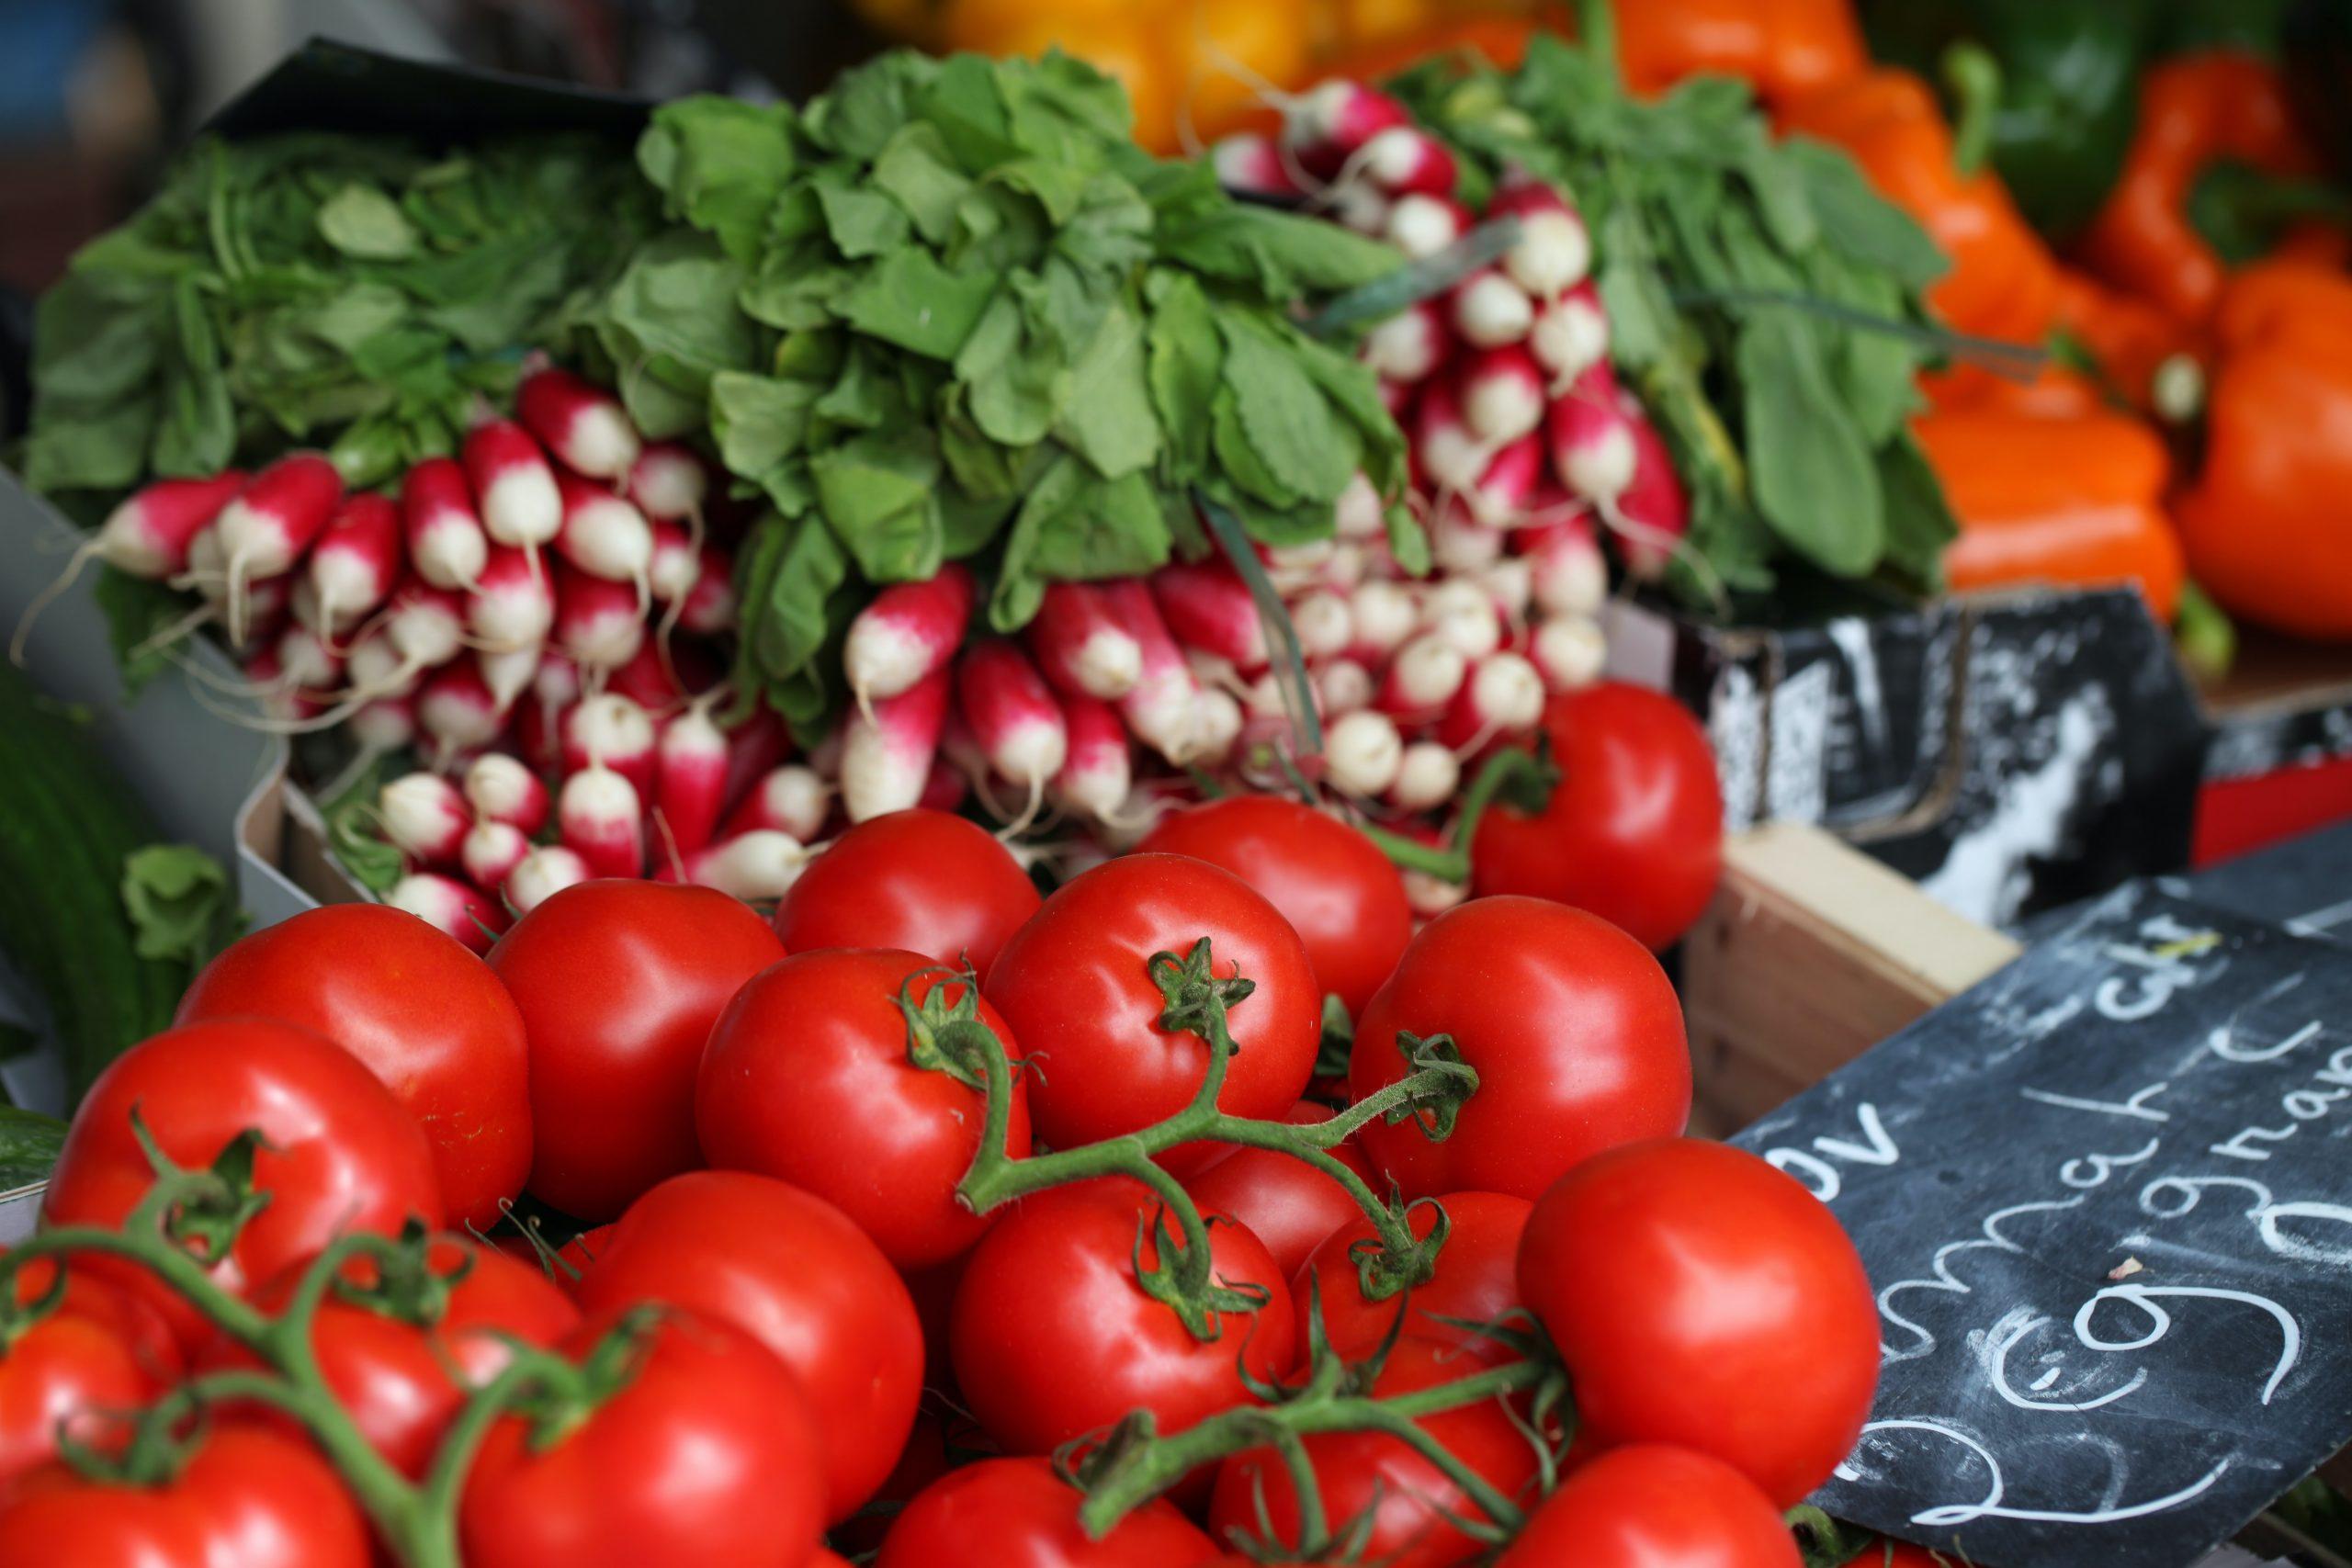 Une meilleure lutte contre les pratiques commerciales déloyales dans le secteur agro-alimentaire